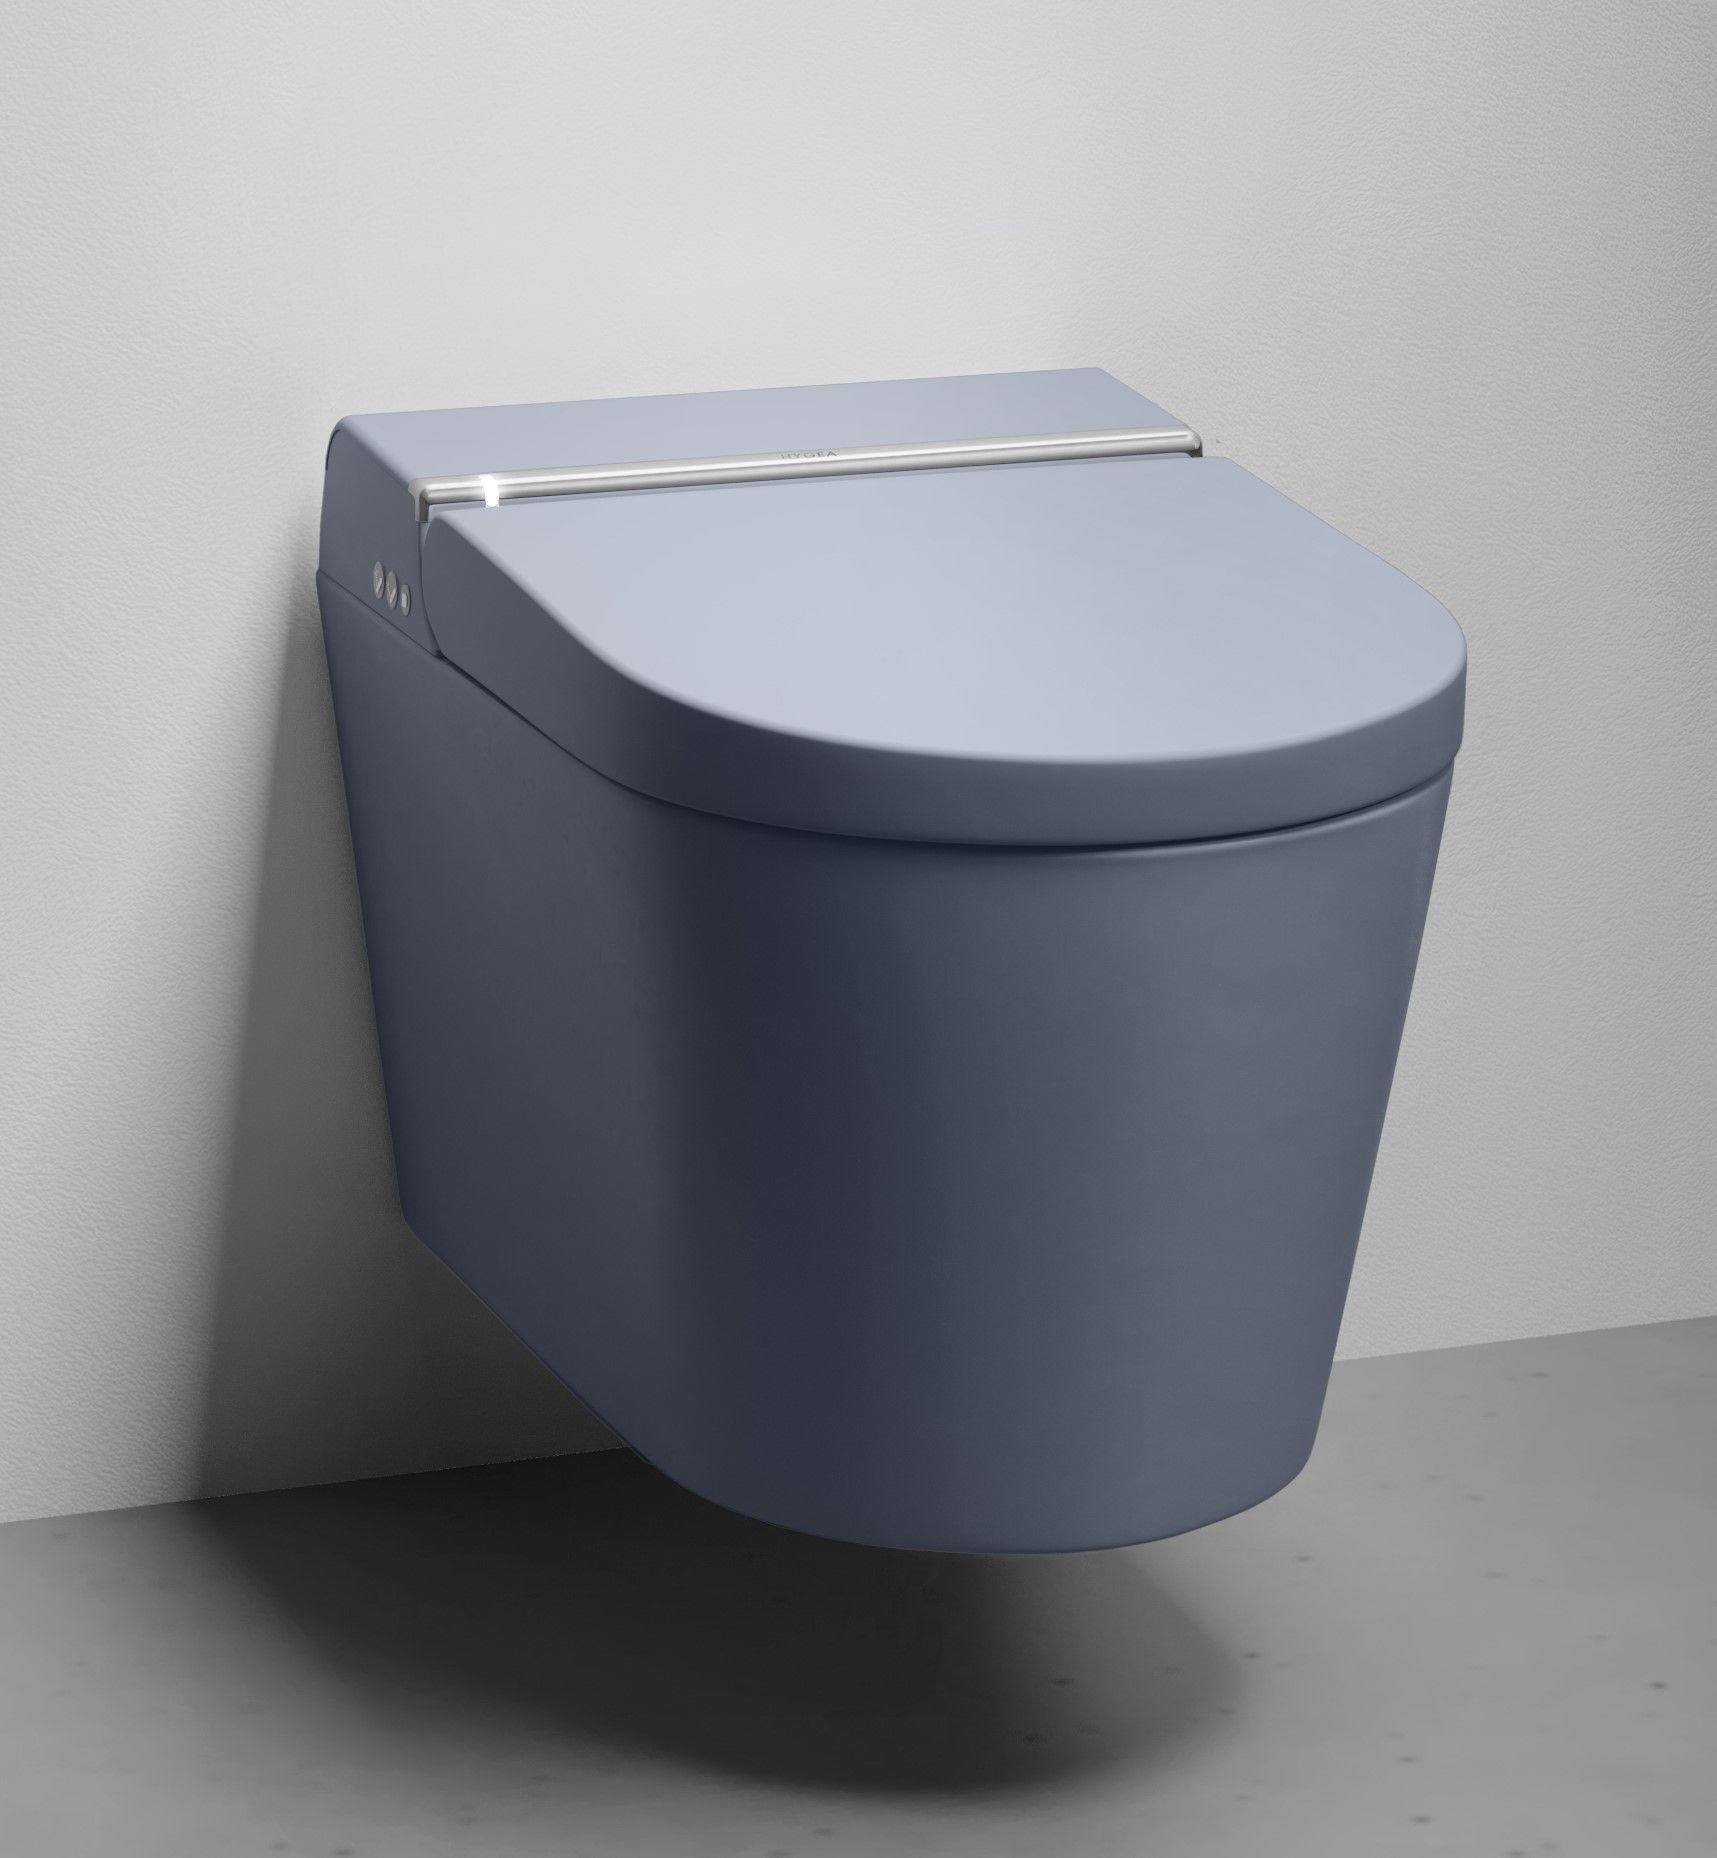 Salle De Bain Japonaise France découvrez nos wc japonais suspendus en différents coloris